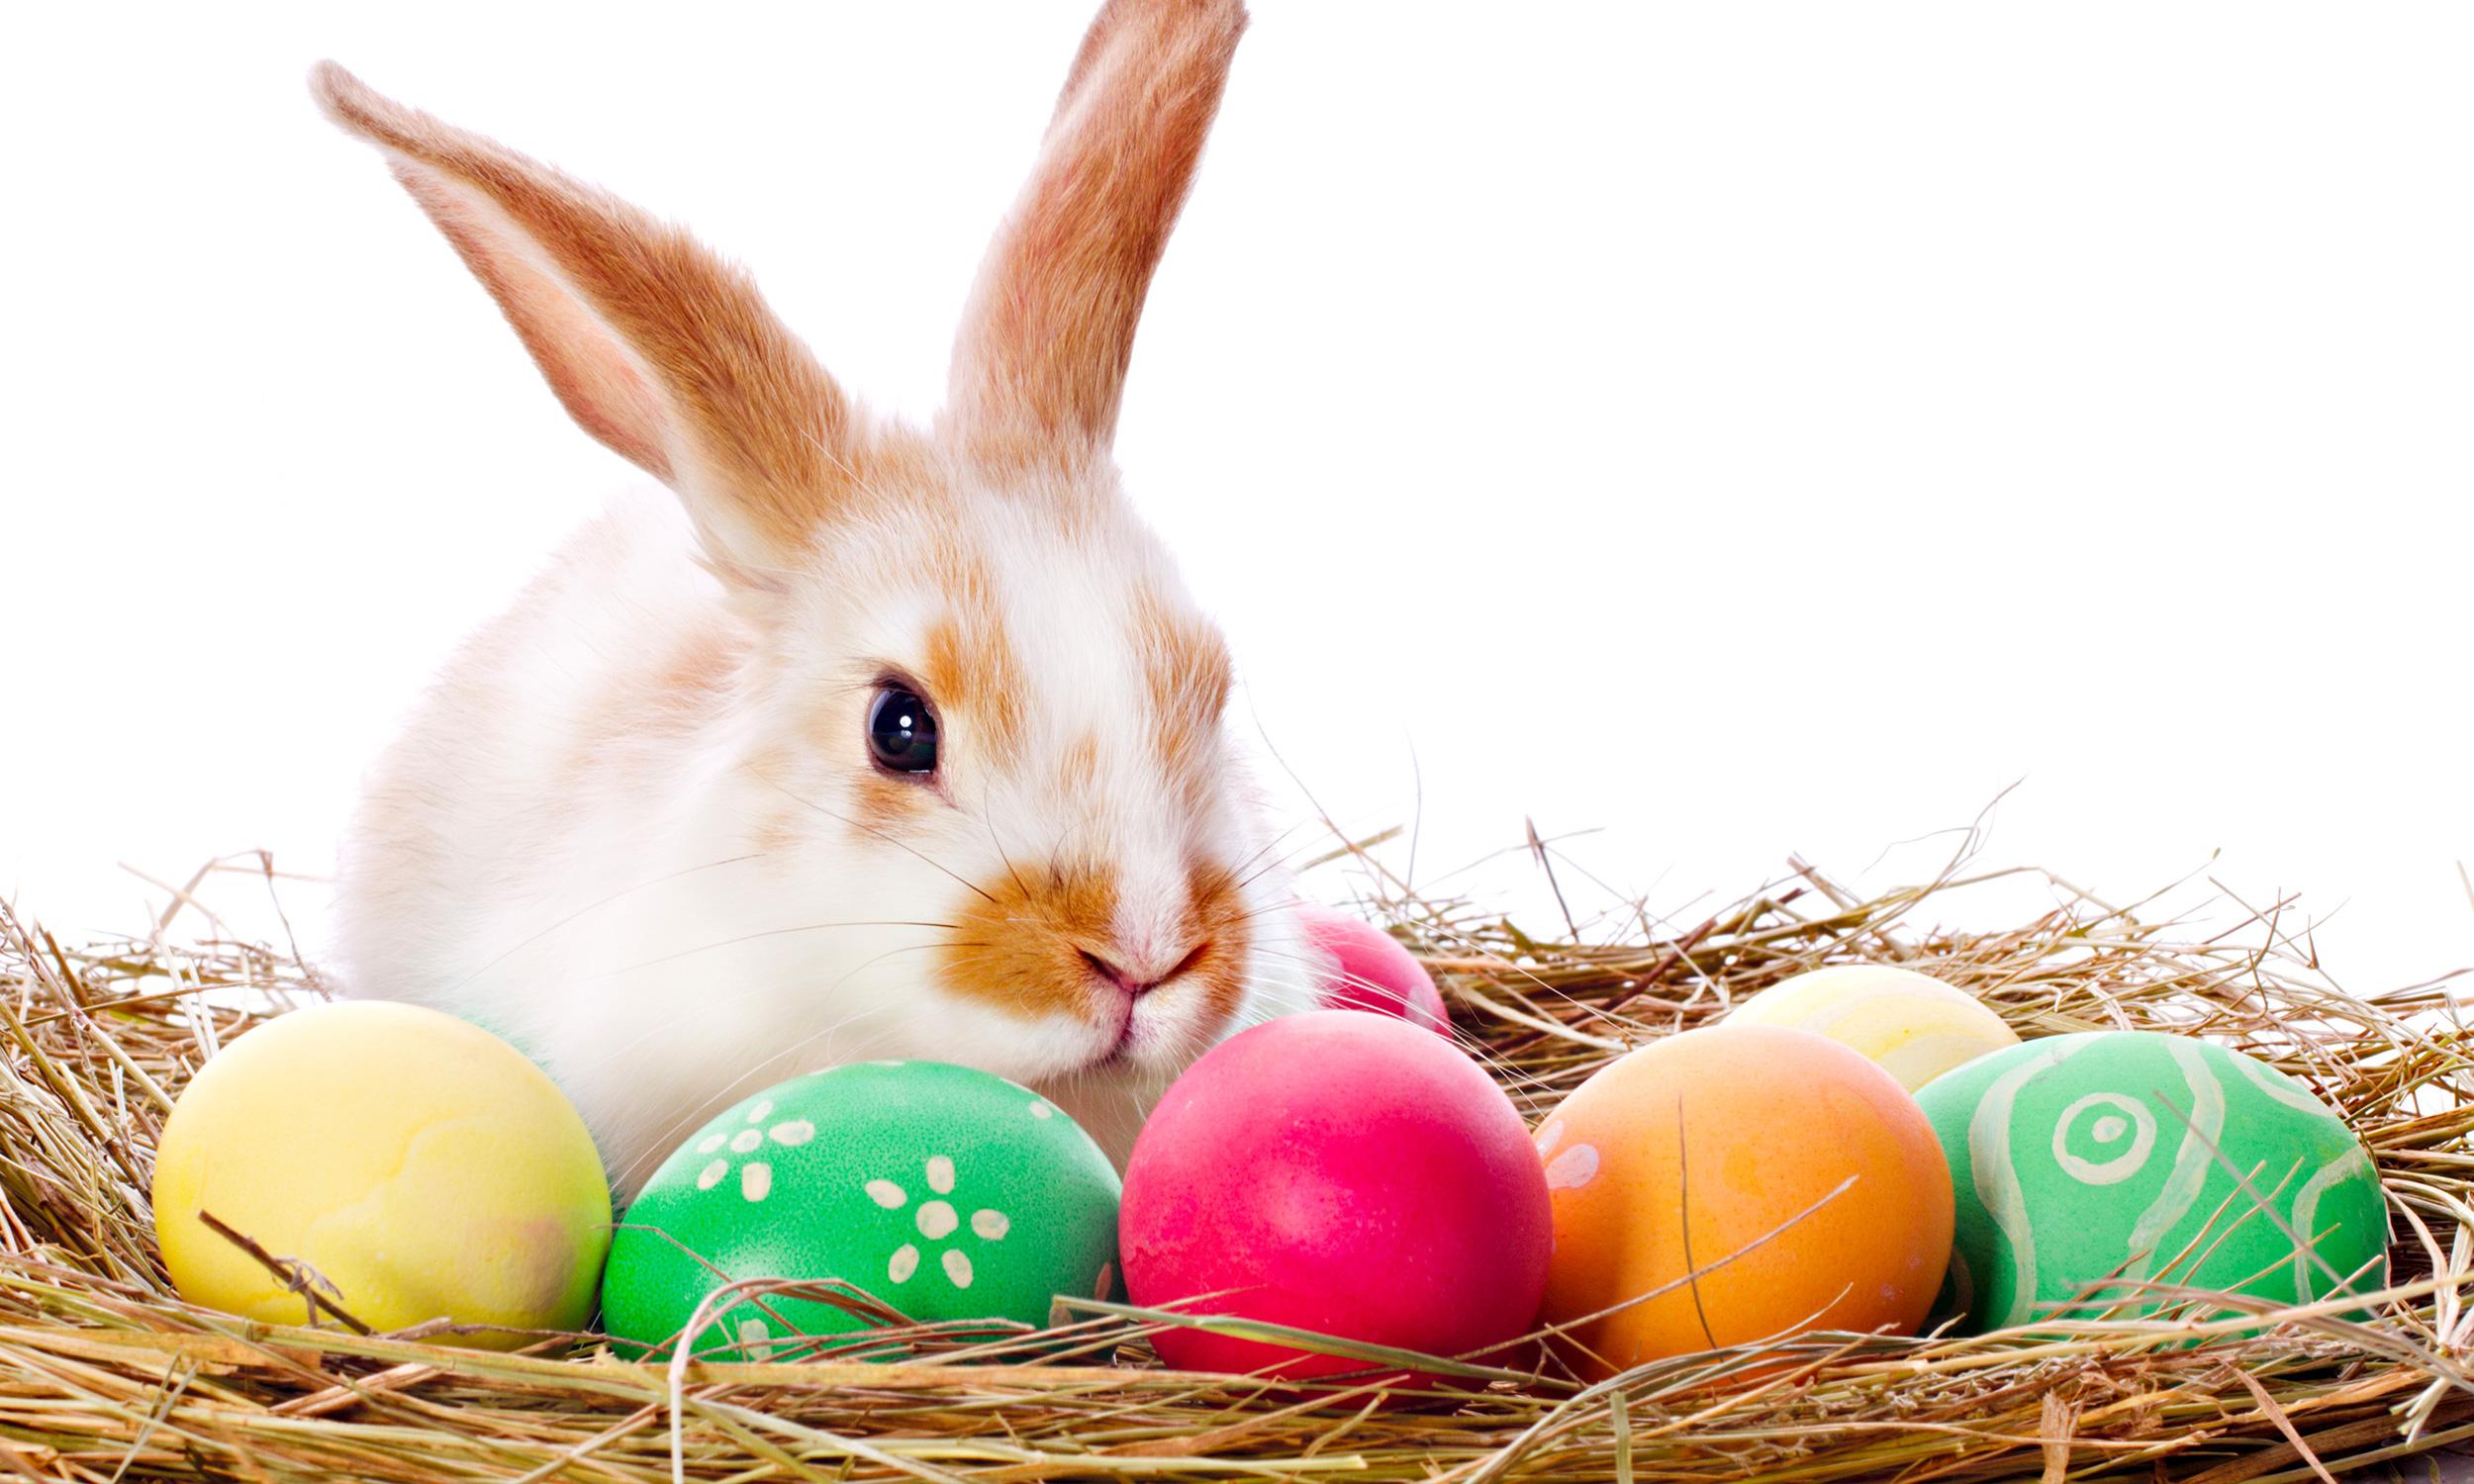 portada de blog sobre el origen del conejo de pascua